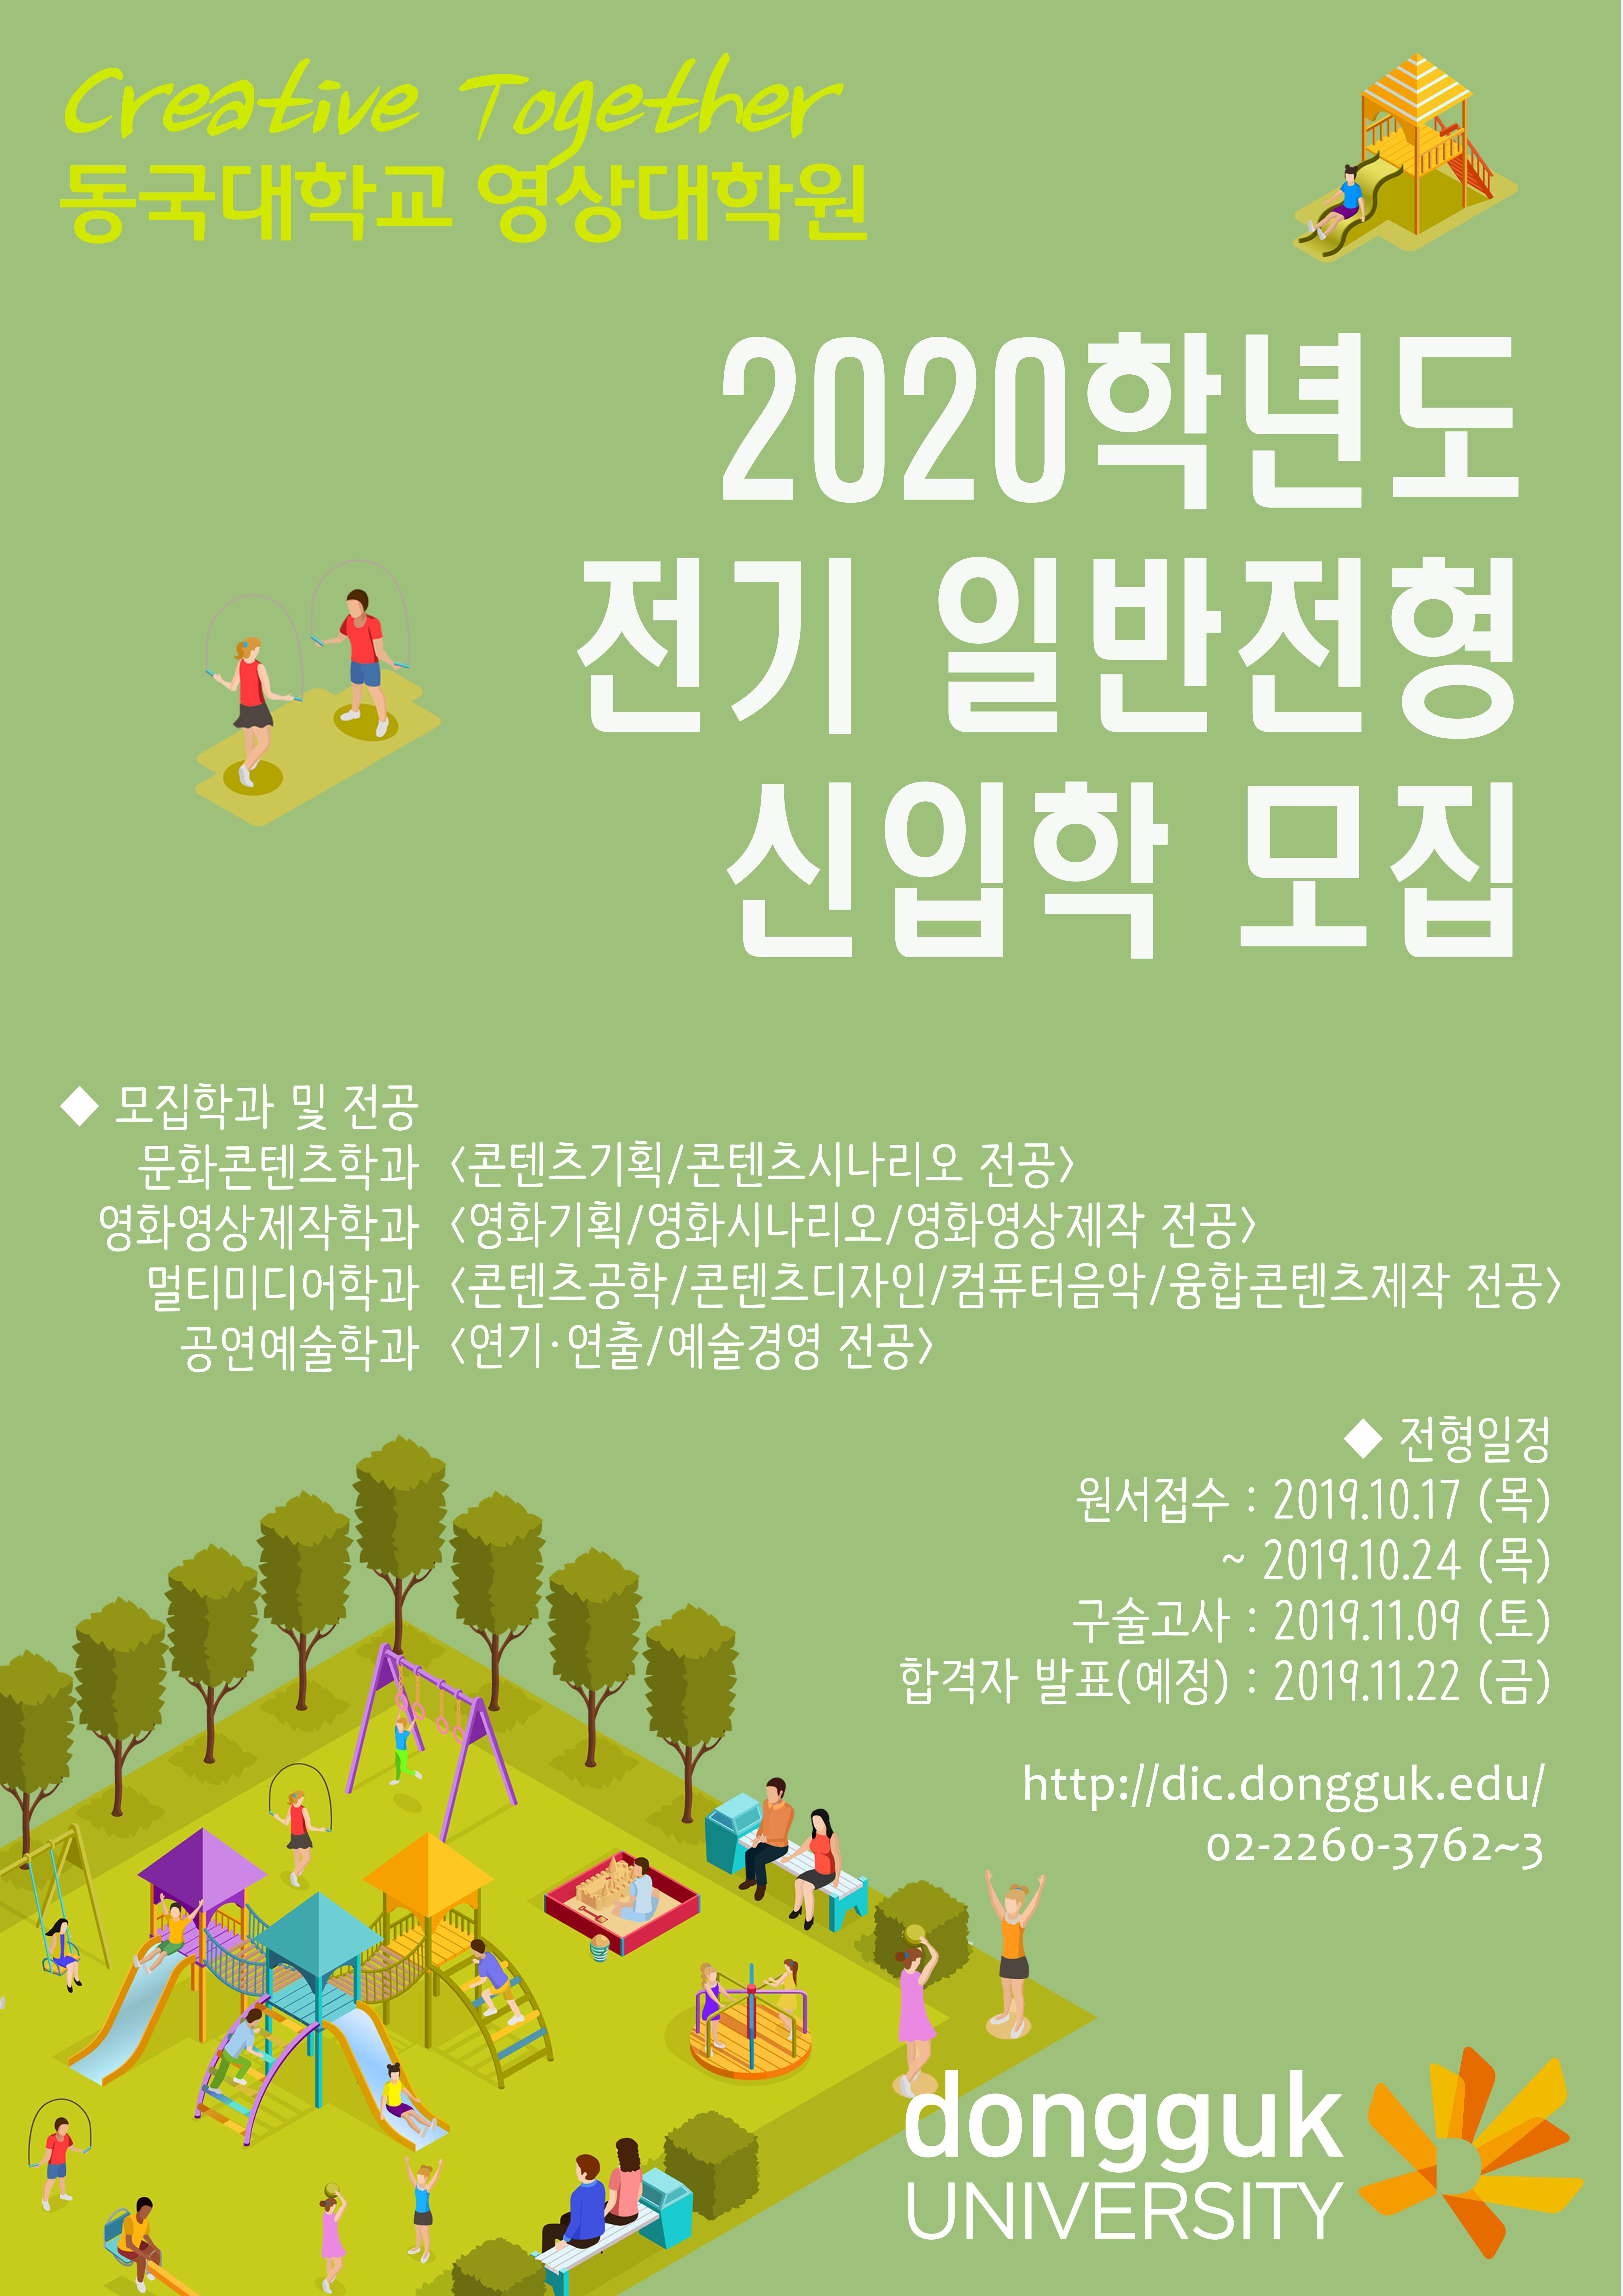 2020-전기-신입학-2안(A2)